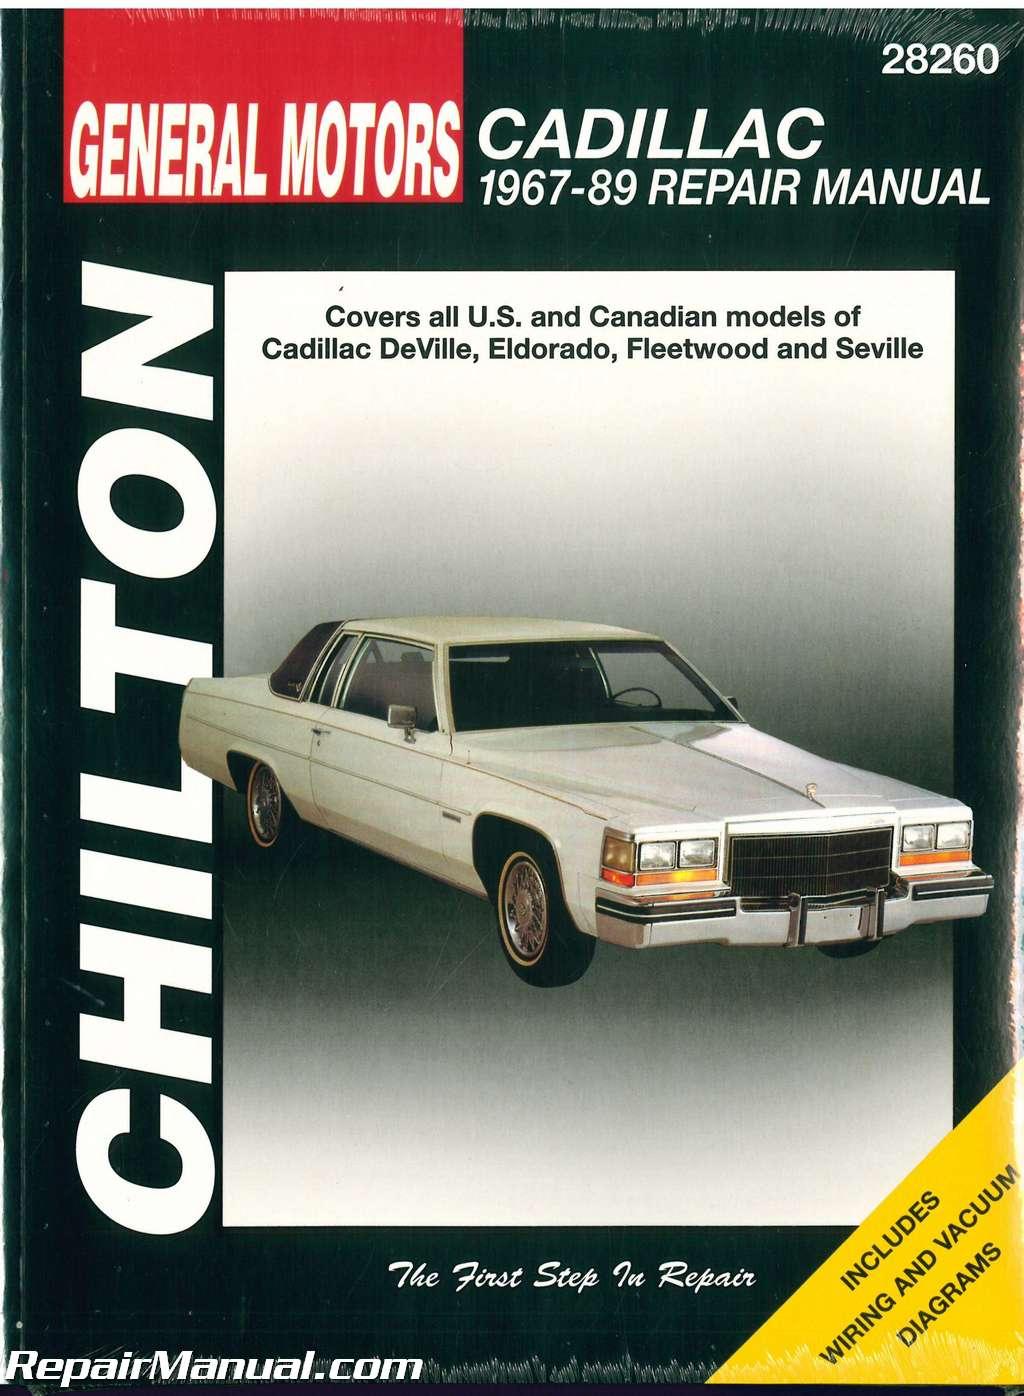 cadillac deville eldorado fleetwood seville 1967 1989 repair manual rh repairmanual com 2003 Cadillac DeVille service manual 2001 cadillac deville